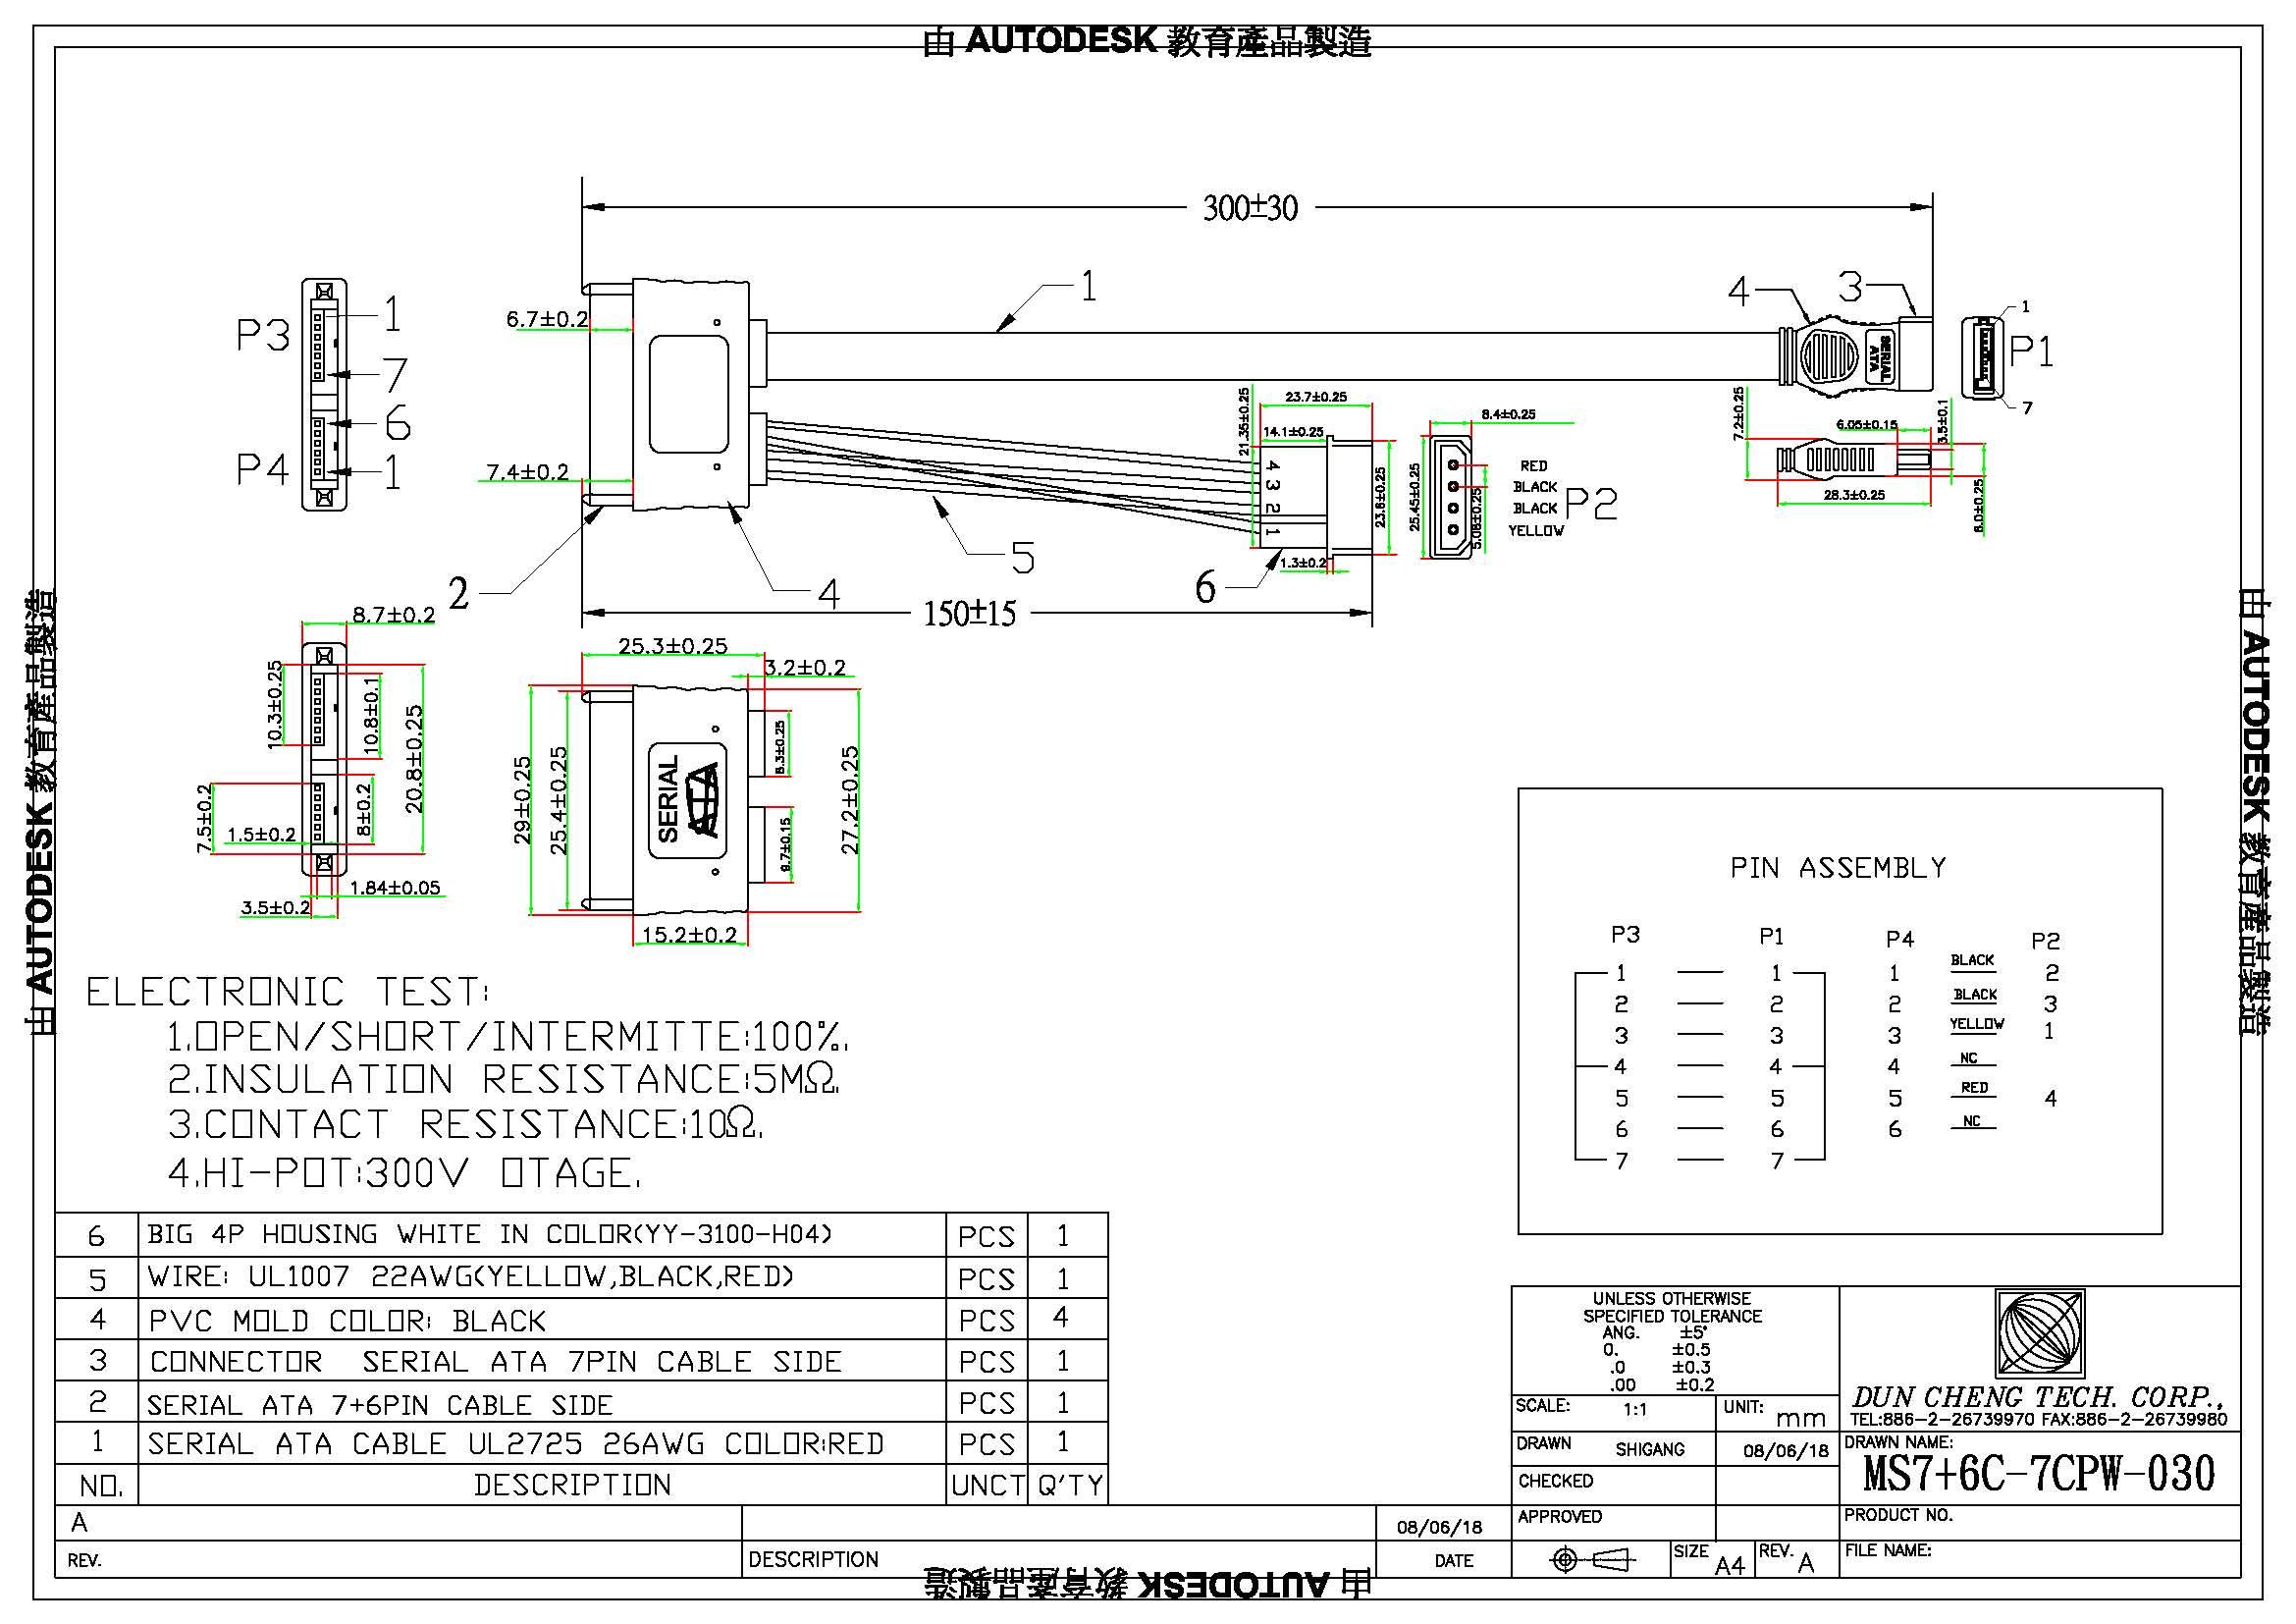 Sata To Usb Diagram | Wiring Diagram - Sata To Usb Wiring Diagram